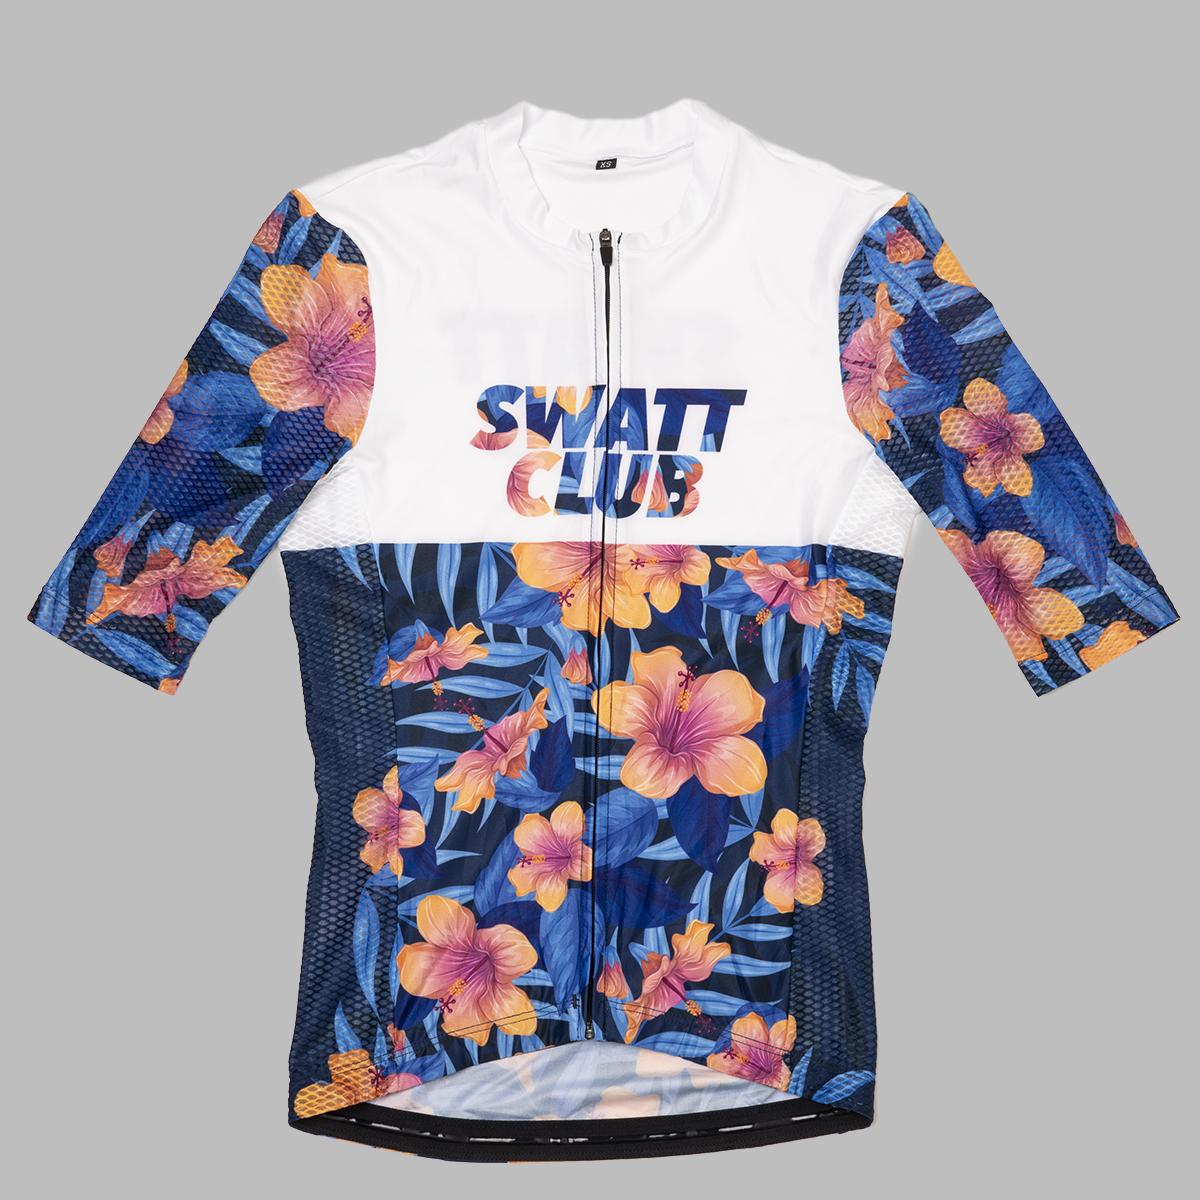 Floral Jersey women swatt club